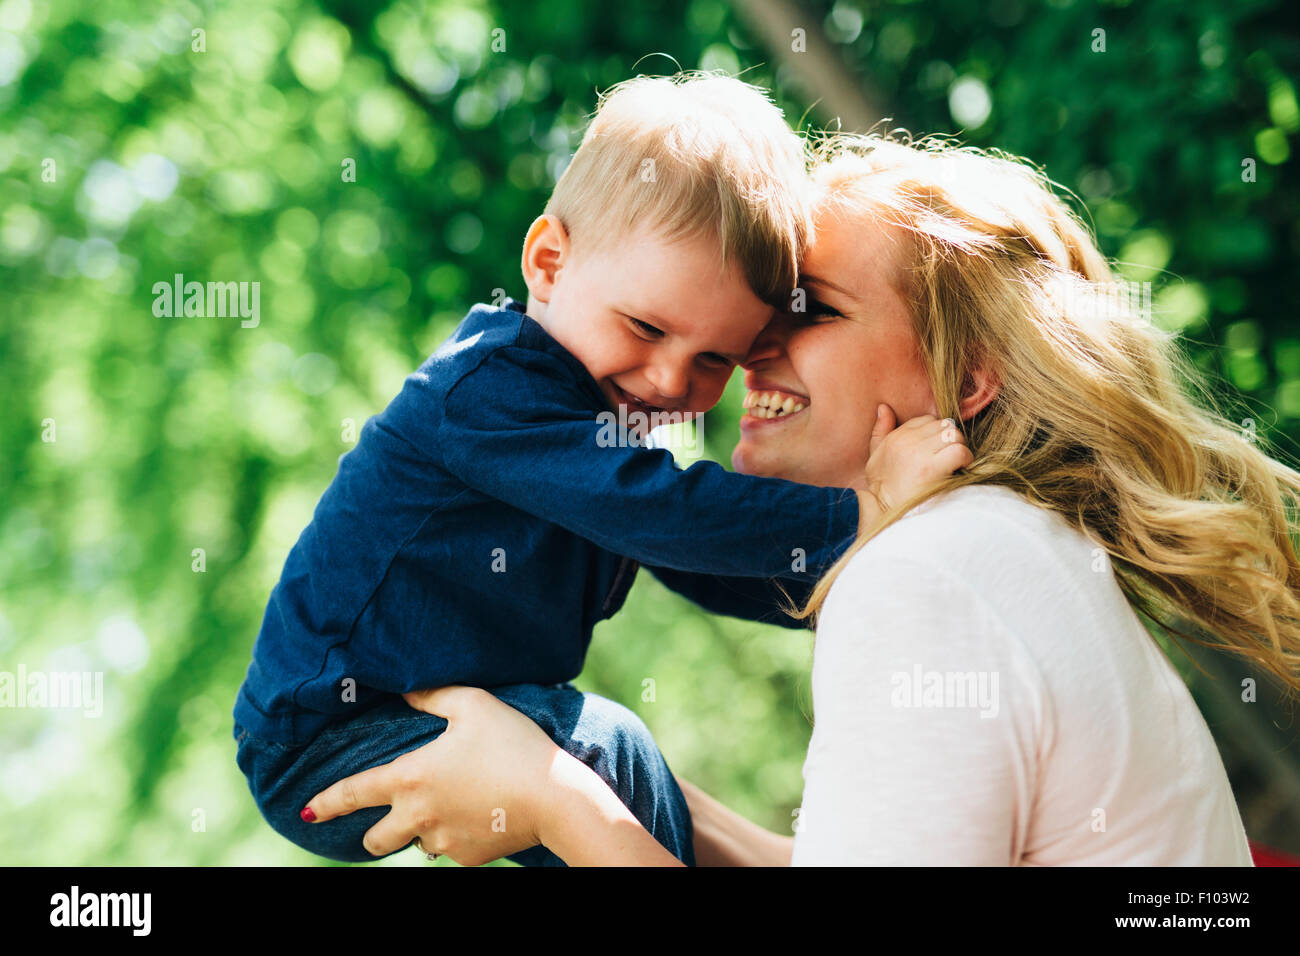 Madre sorridente ridendo e giocando con il suo bambino all'aperto su un bel giorno di estate Immagini Stock